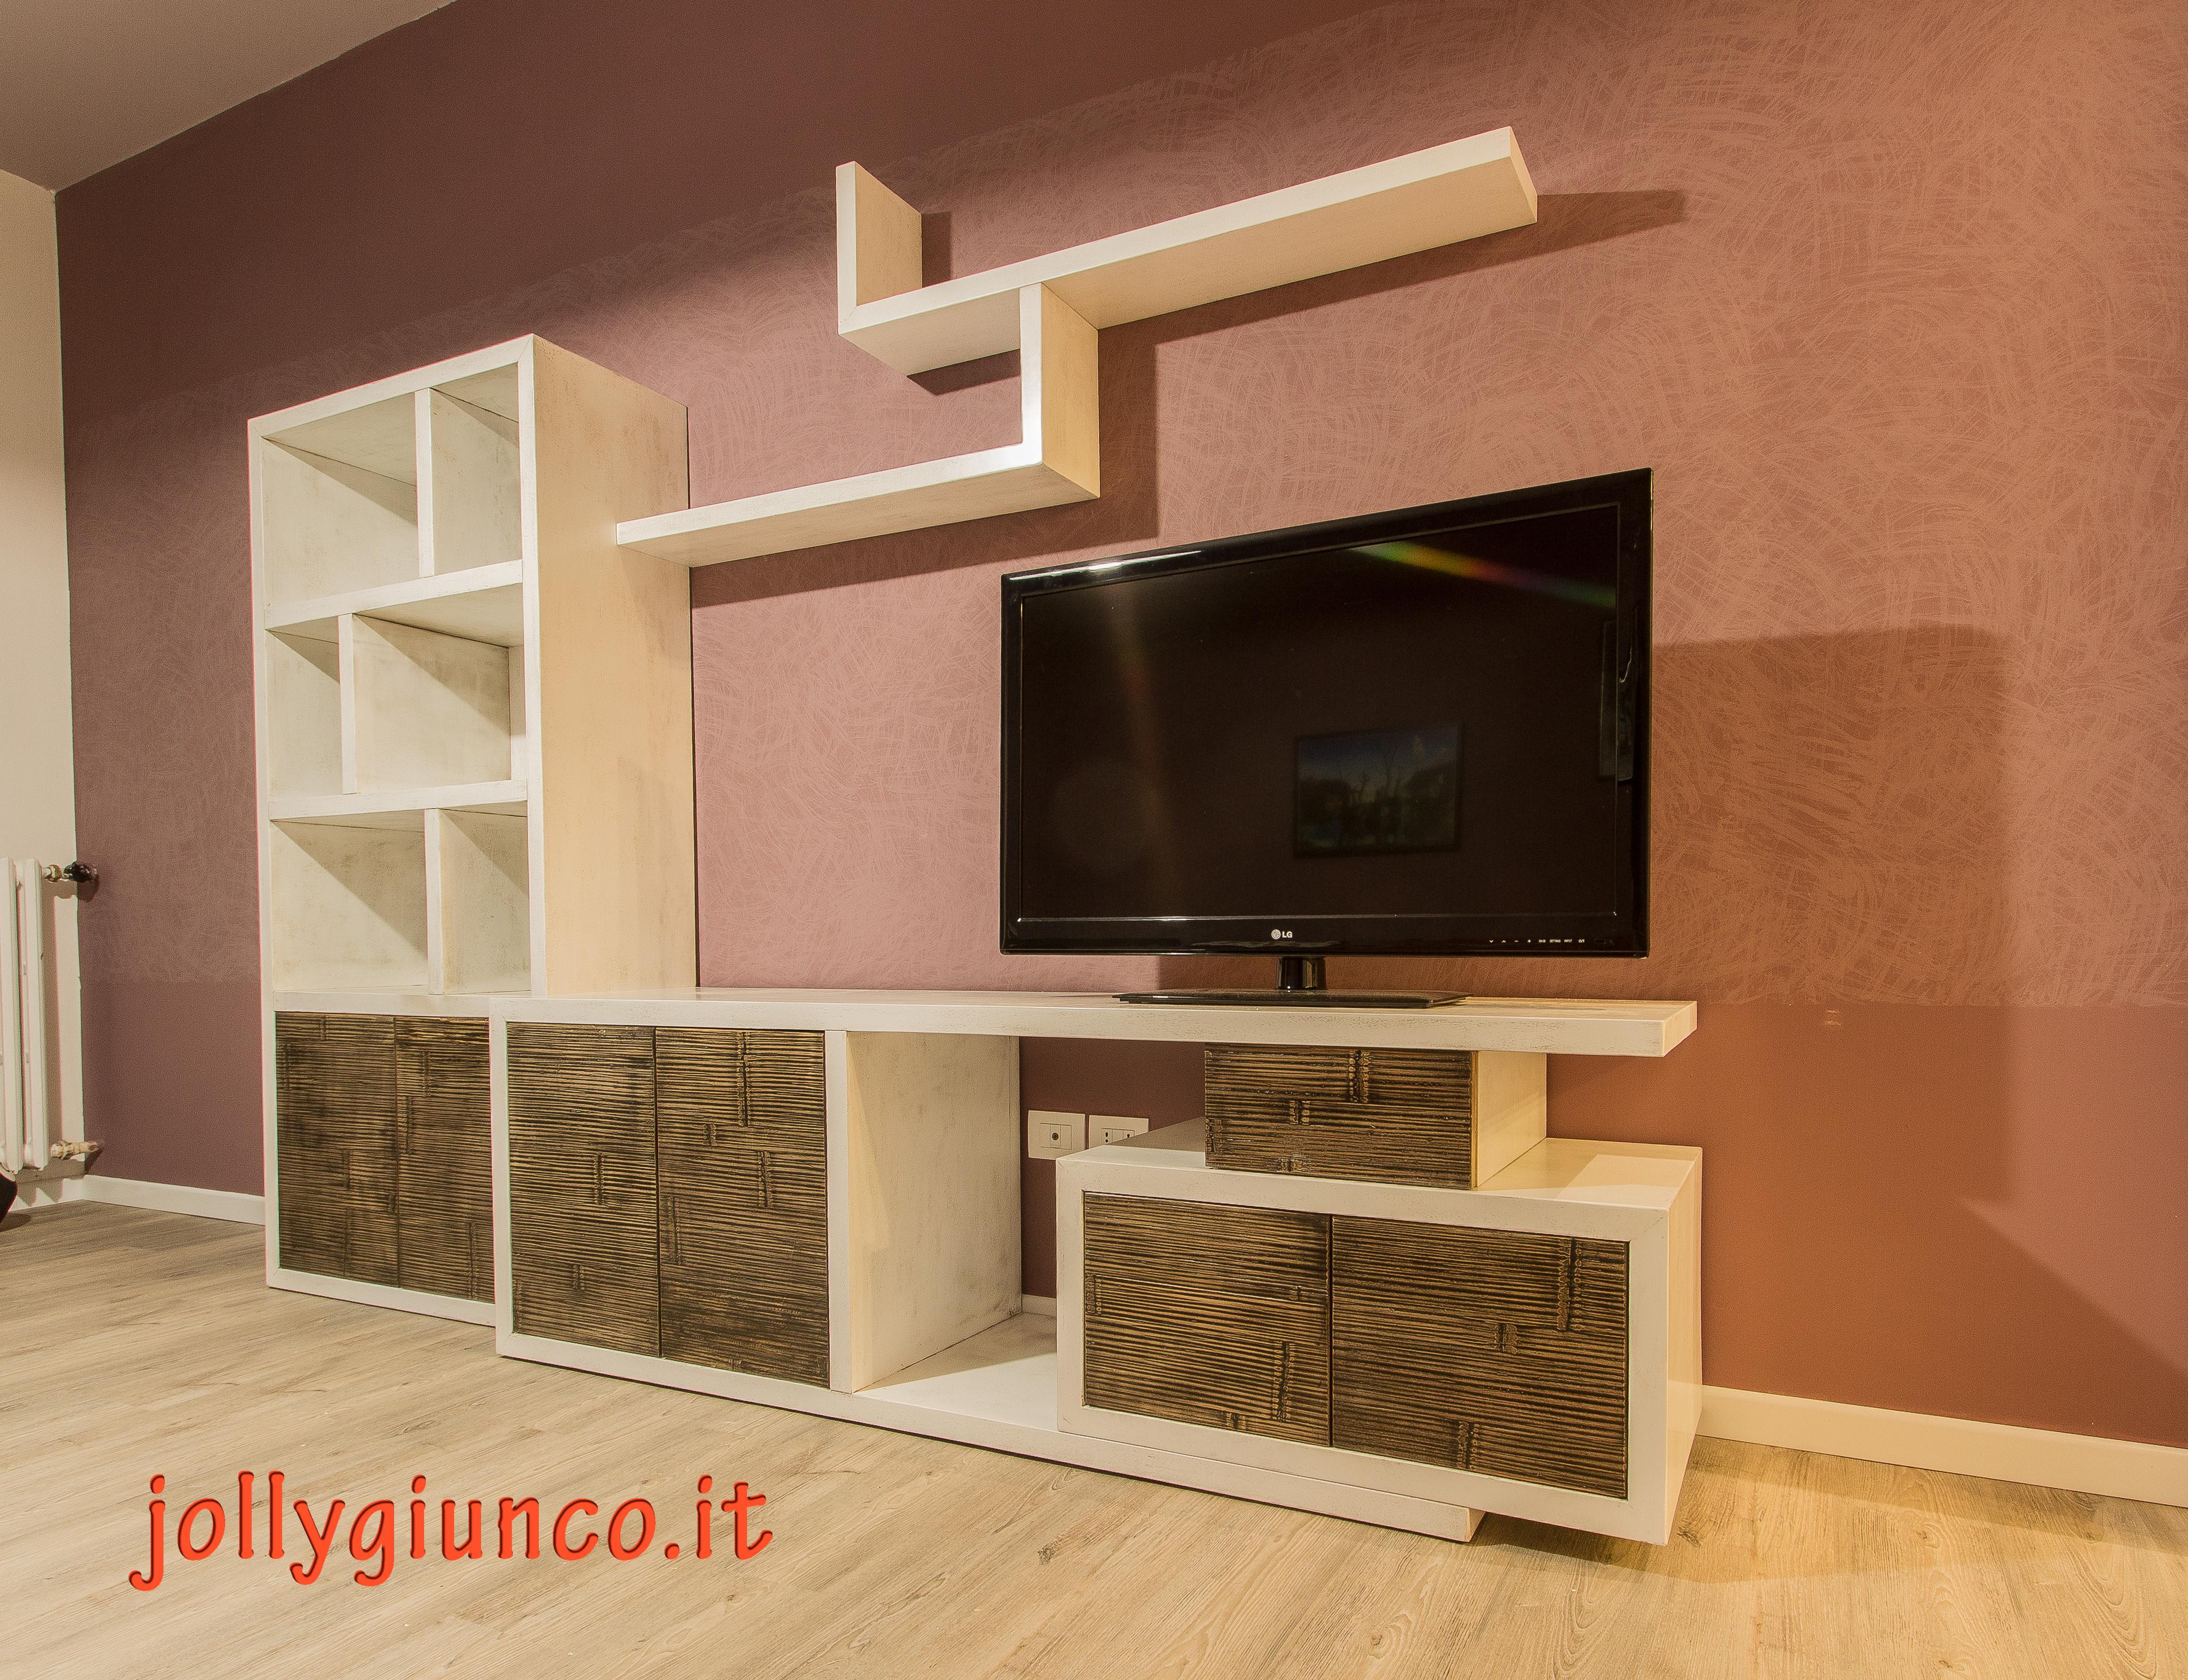 Mobile Dietro Al Divano produzione soggiorno in crash bambù e legno.